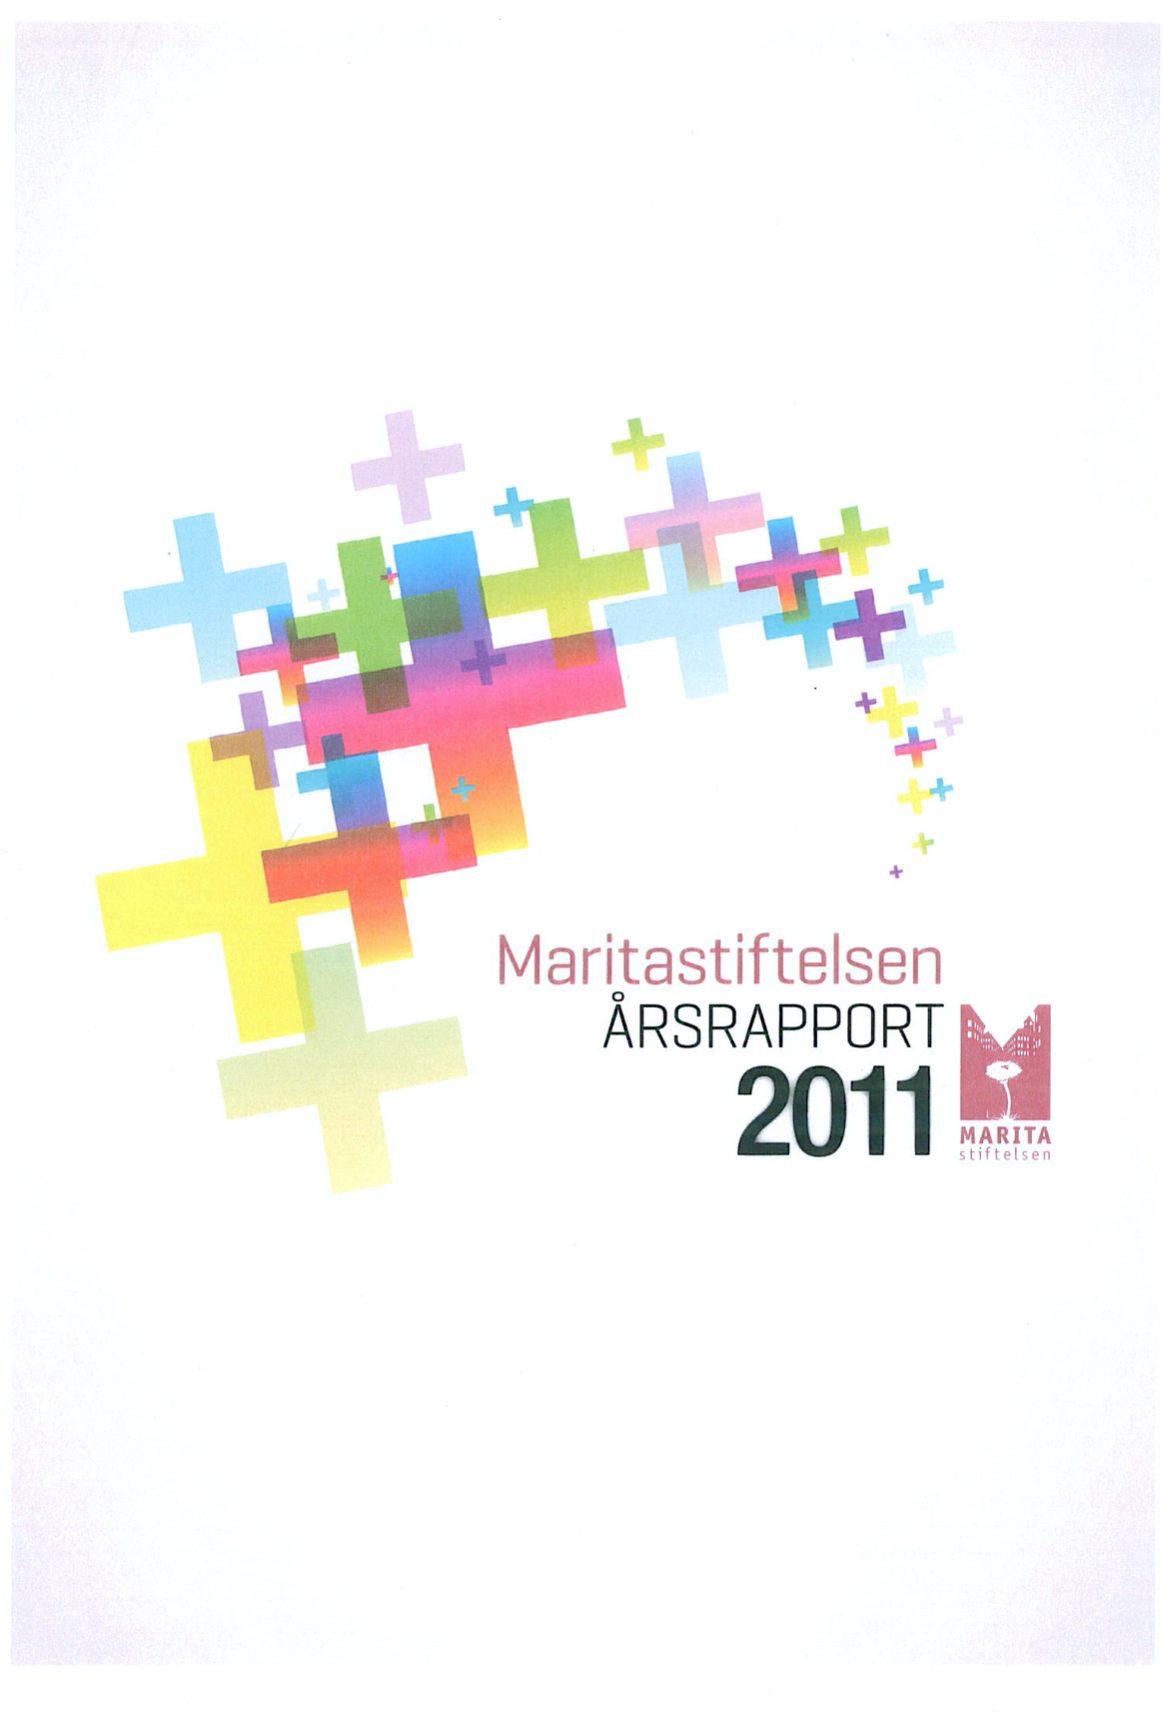 2011 Marita årsrapport